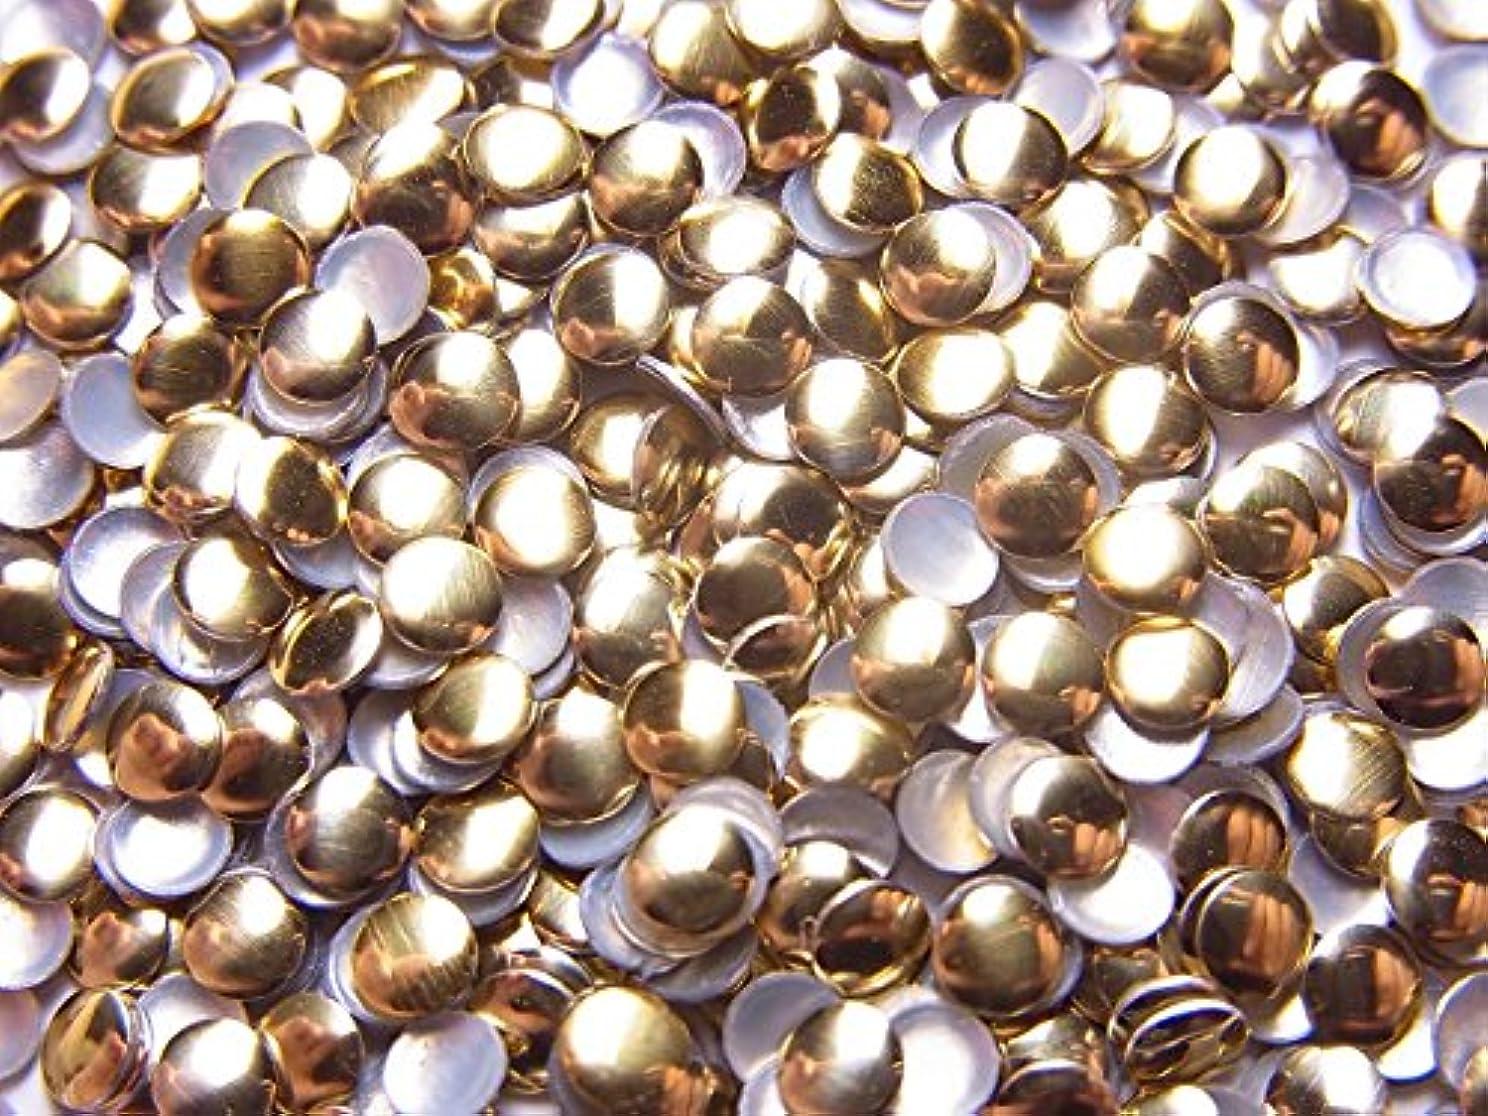 ブルジョン悪魔没頭するメタルスタッズ (ゴールド/シルバー)12種類から選択可能 (ラウンド型 (丸)メタルスタッズ 3mm, ゴールド)